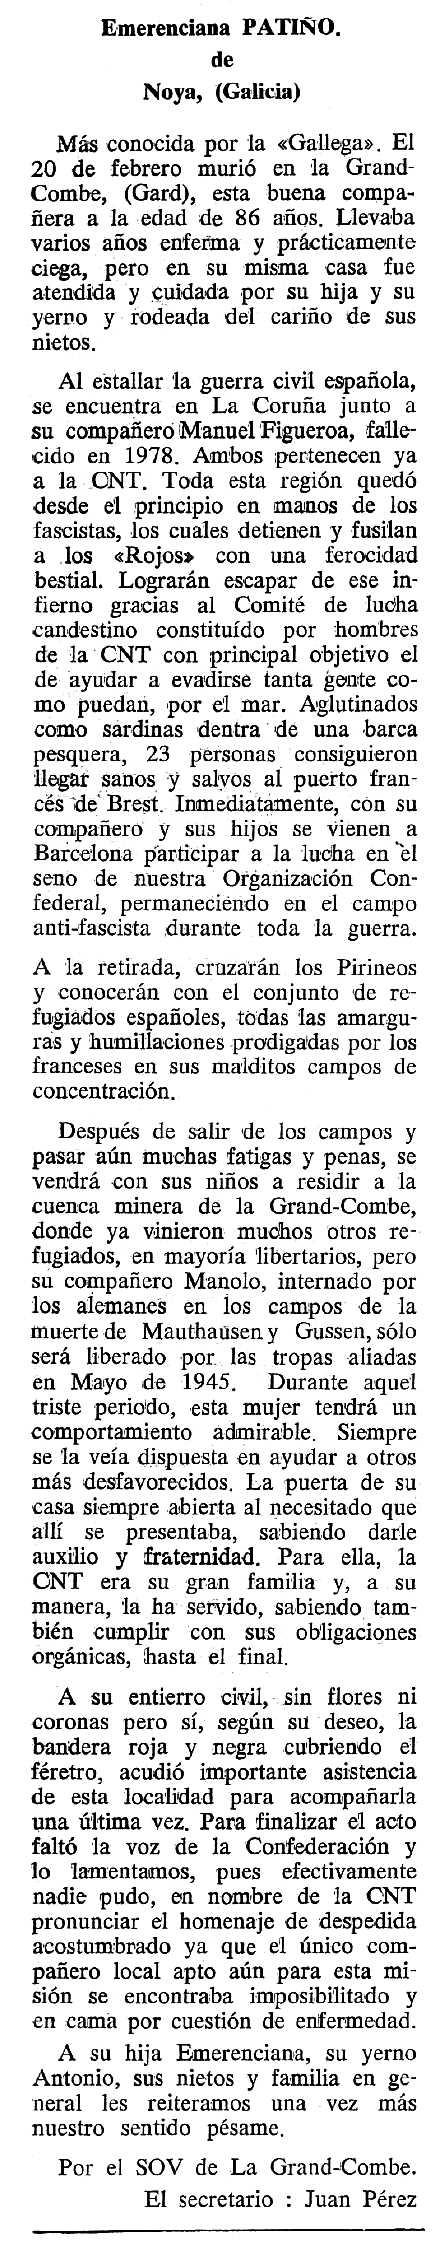 """Necrològica d'Emerenciana Patiño Hermida publicada en el periòdic tolosà """"Cenit"""" del 2 de maig de 1989"""